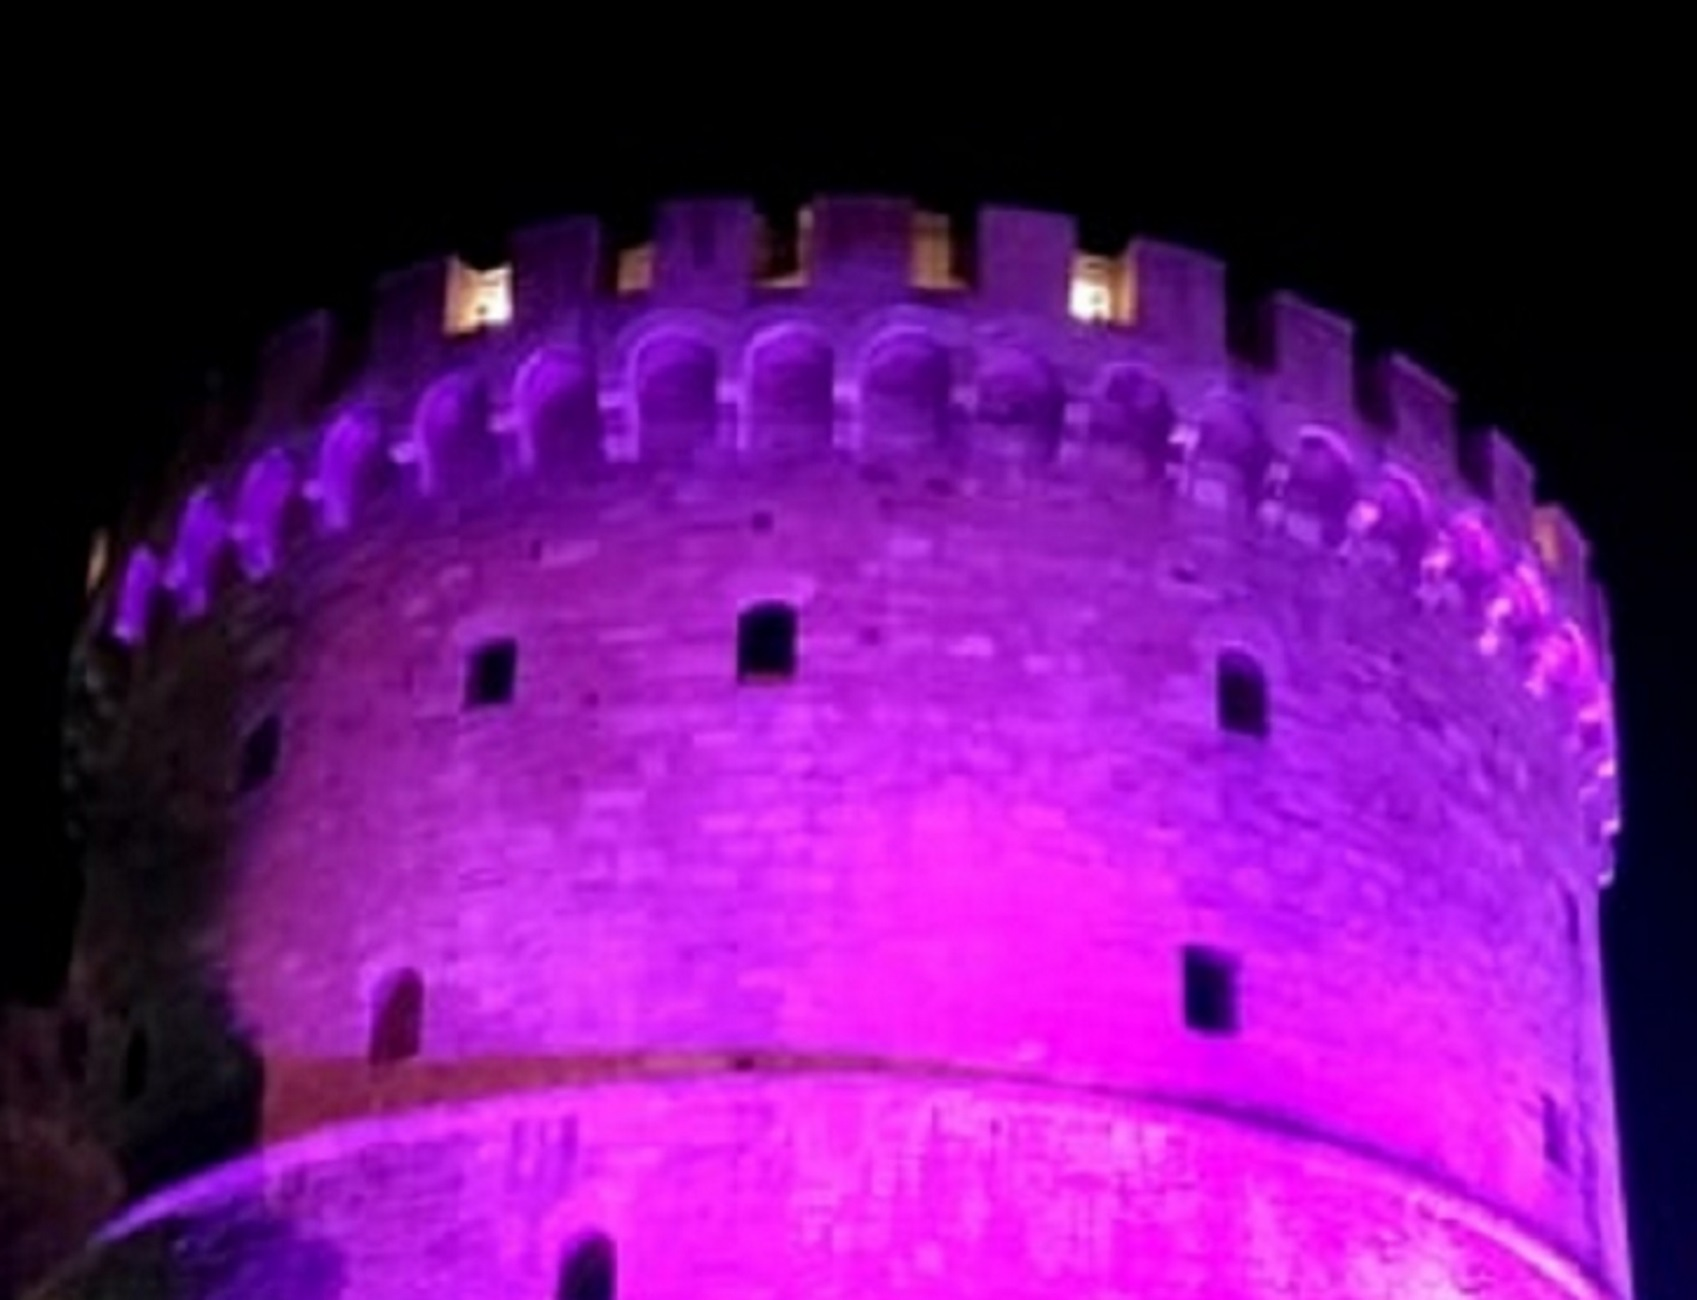 Θεσσαλονίκη: Ο Λευκός Πύργος έγινε… μωβ – Ο λόγος της φωταγώγησής του!